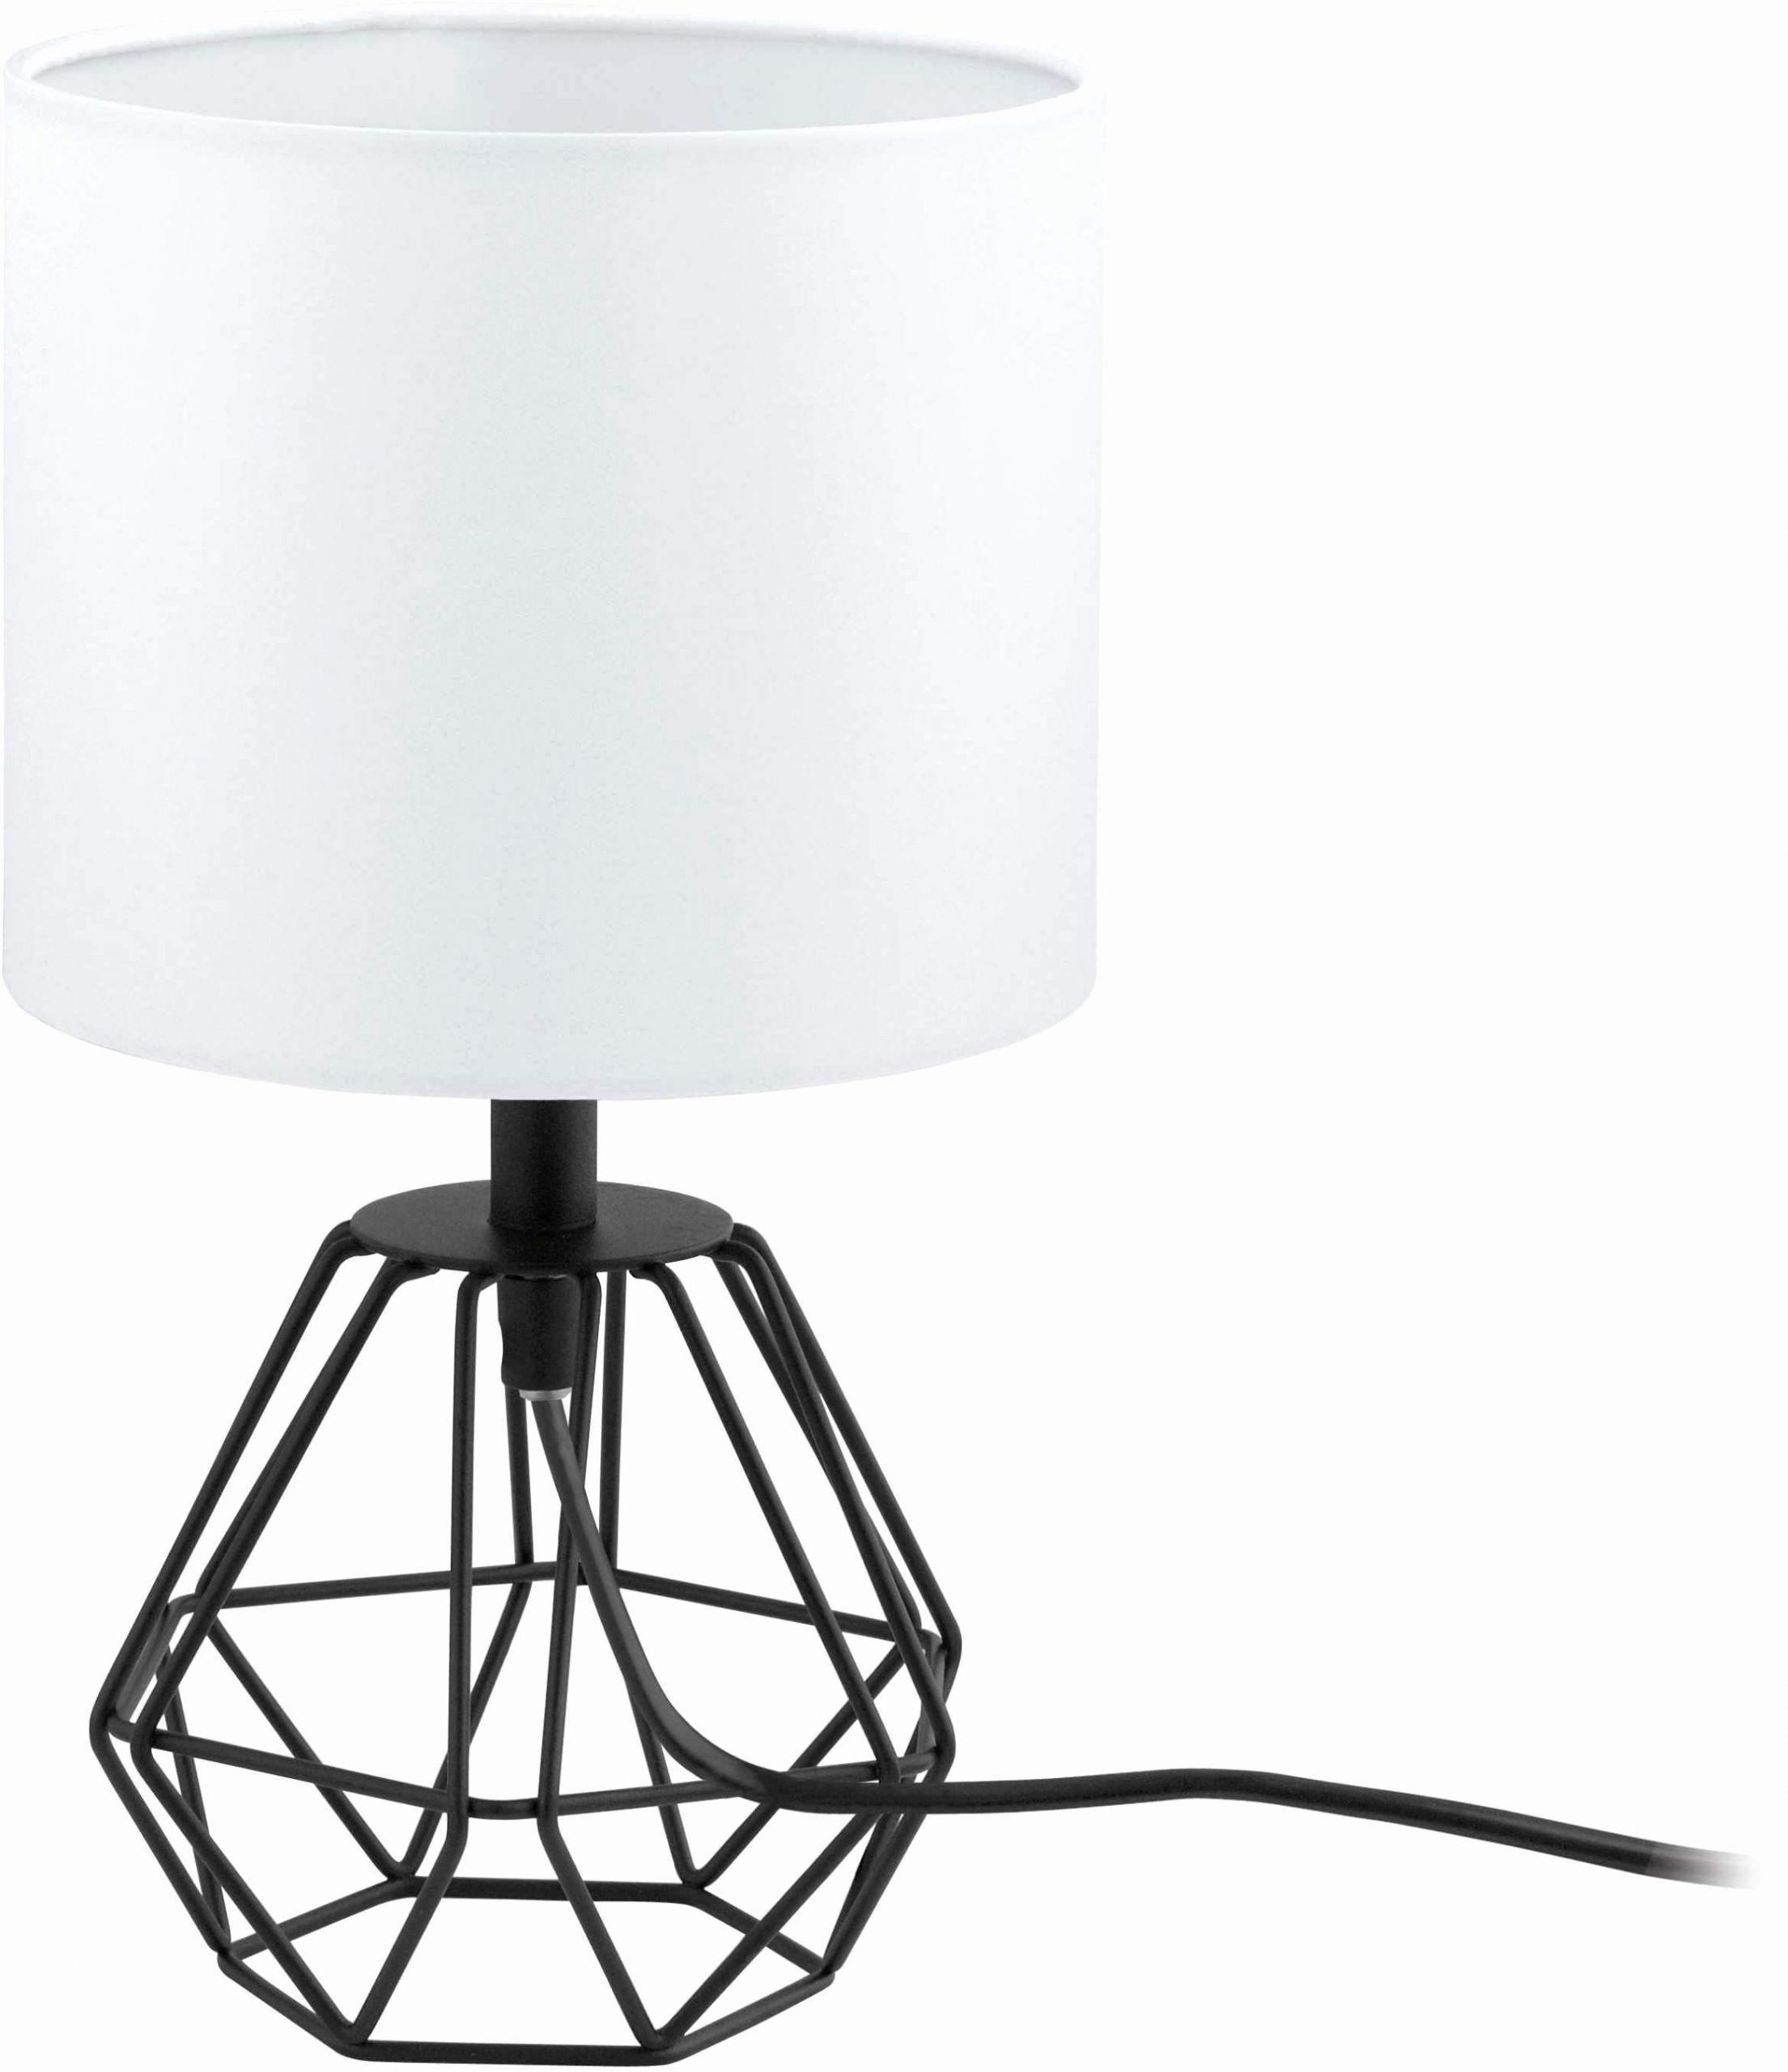 Full Size of Deckenlampe Holzbalkendecke Lampe Holz Selber Machen Holzbalken Bauen Rustikal Dimmbar Deckenleuchte Rund Deckenlampen Aus Esstisch Bad Waschtisch Bett Wohnzimmer Deckenlampe Holz